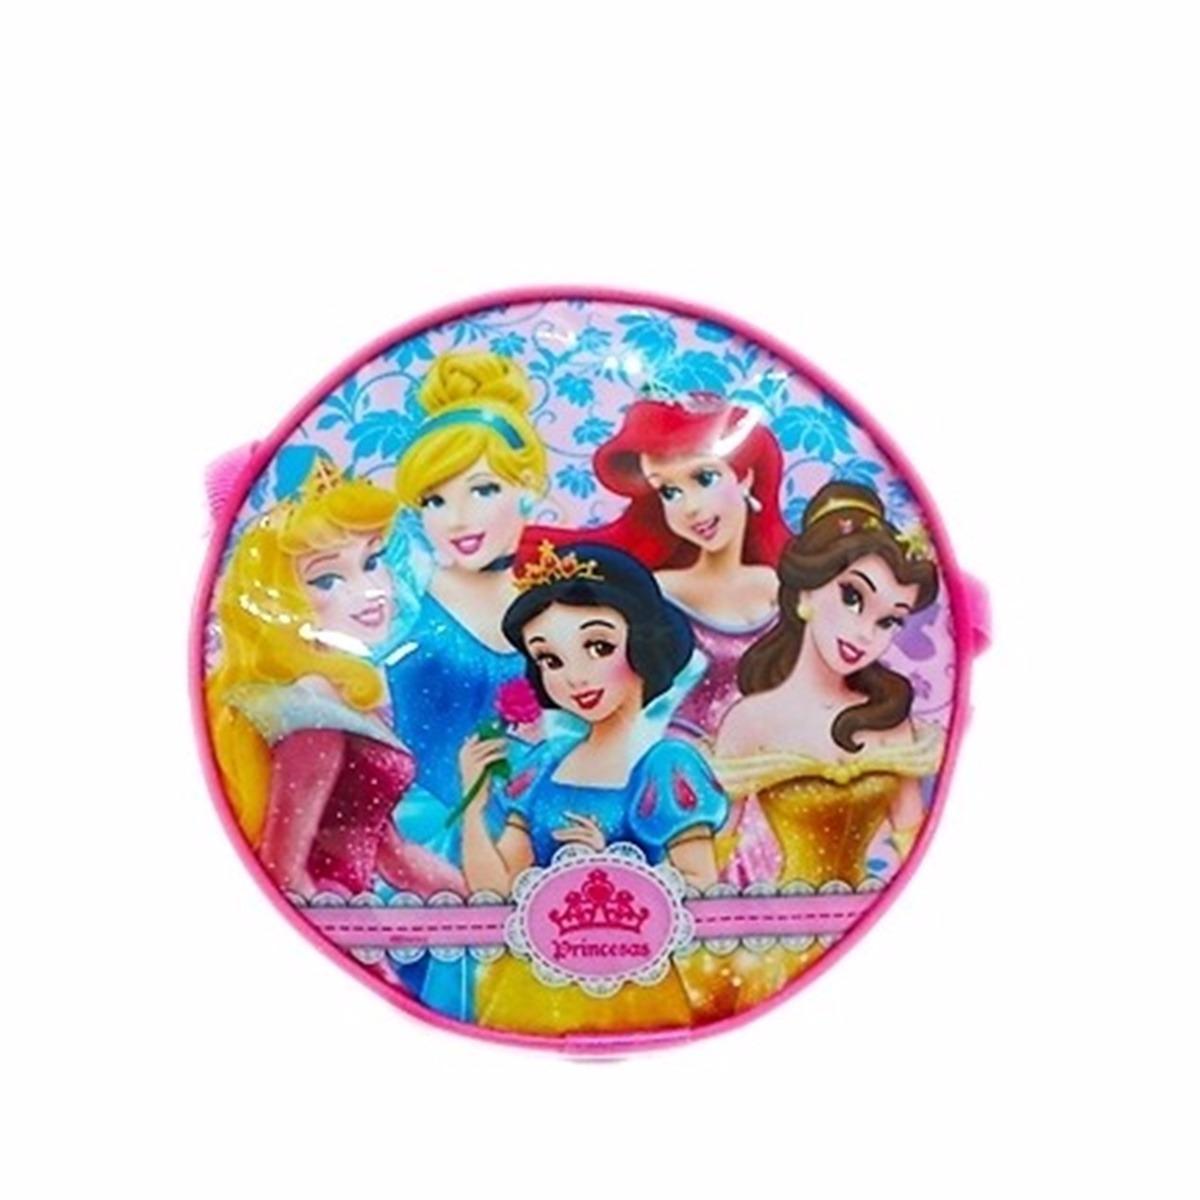 Bolsinha infantil princesas disney redonda r 5 90 em for Muebles de princesas disney